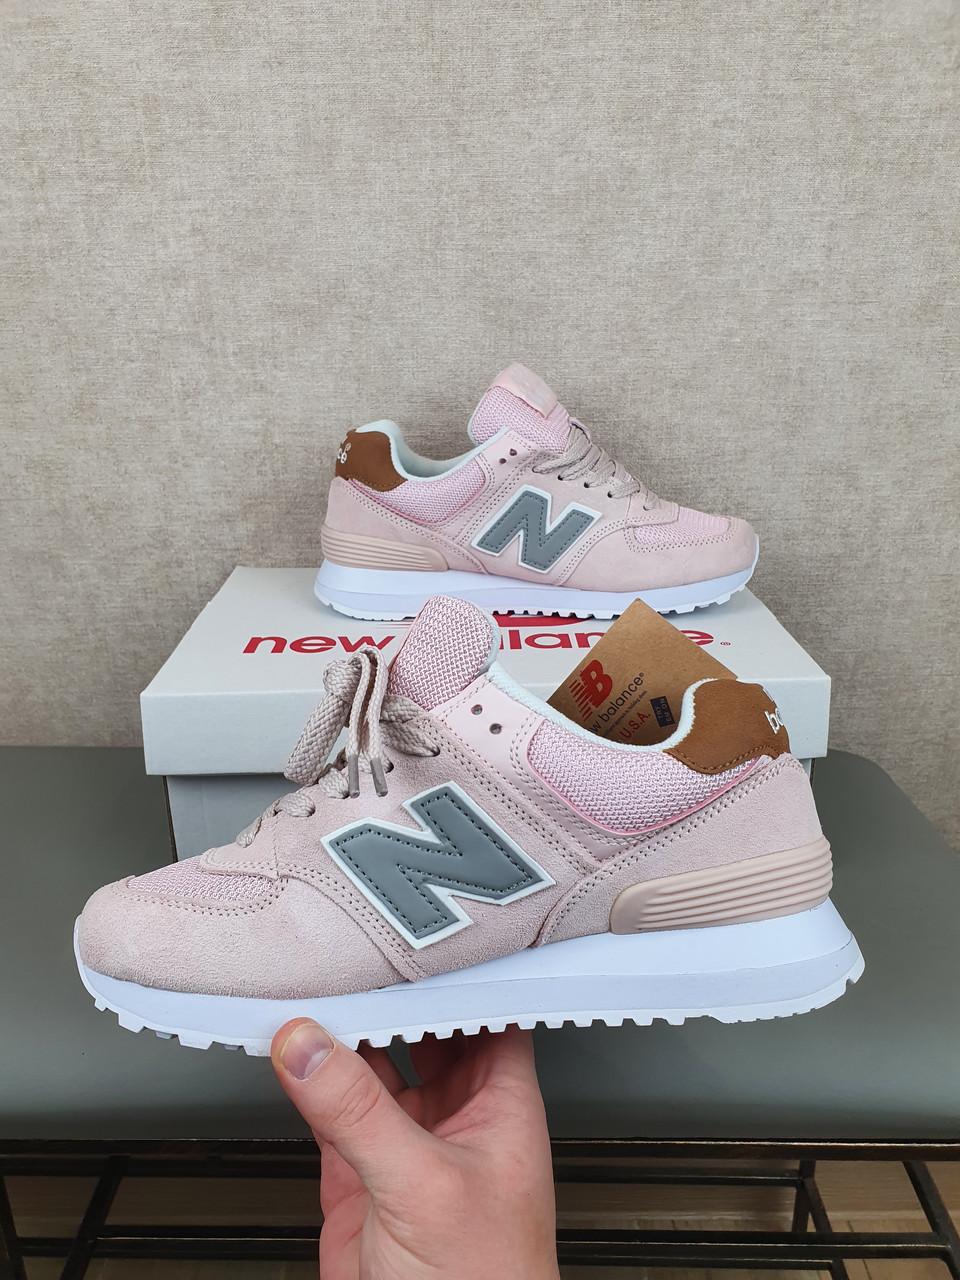 Кроссы женские нюдовые Нью Беланс 574. New Balance 574 Pink женские кроссовки розовые замша сетка